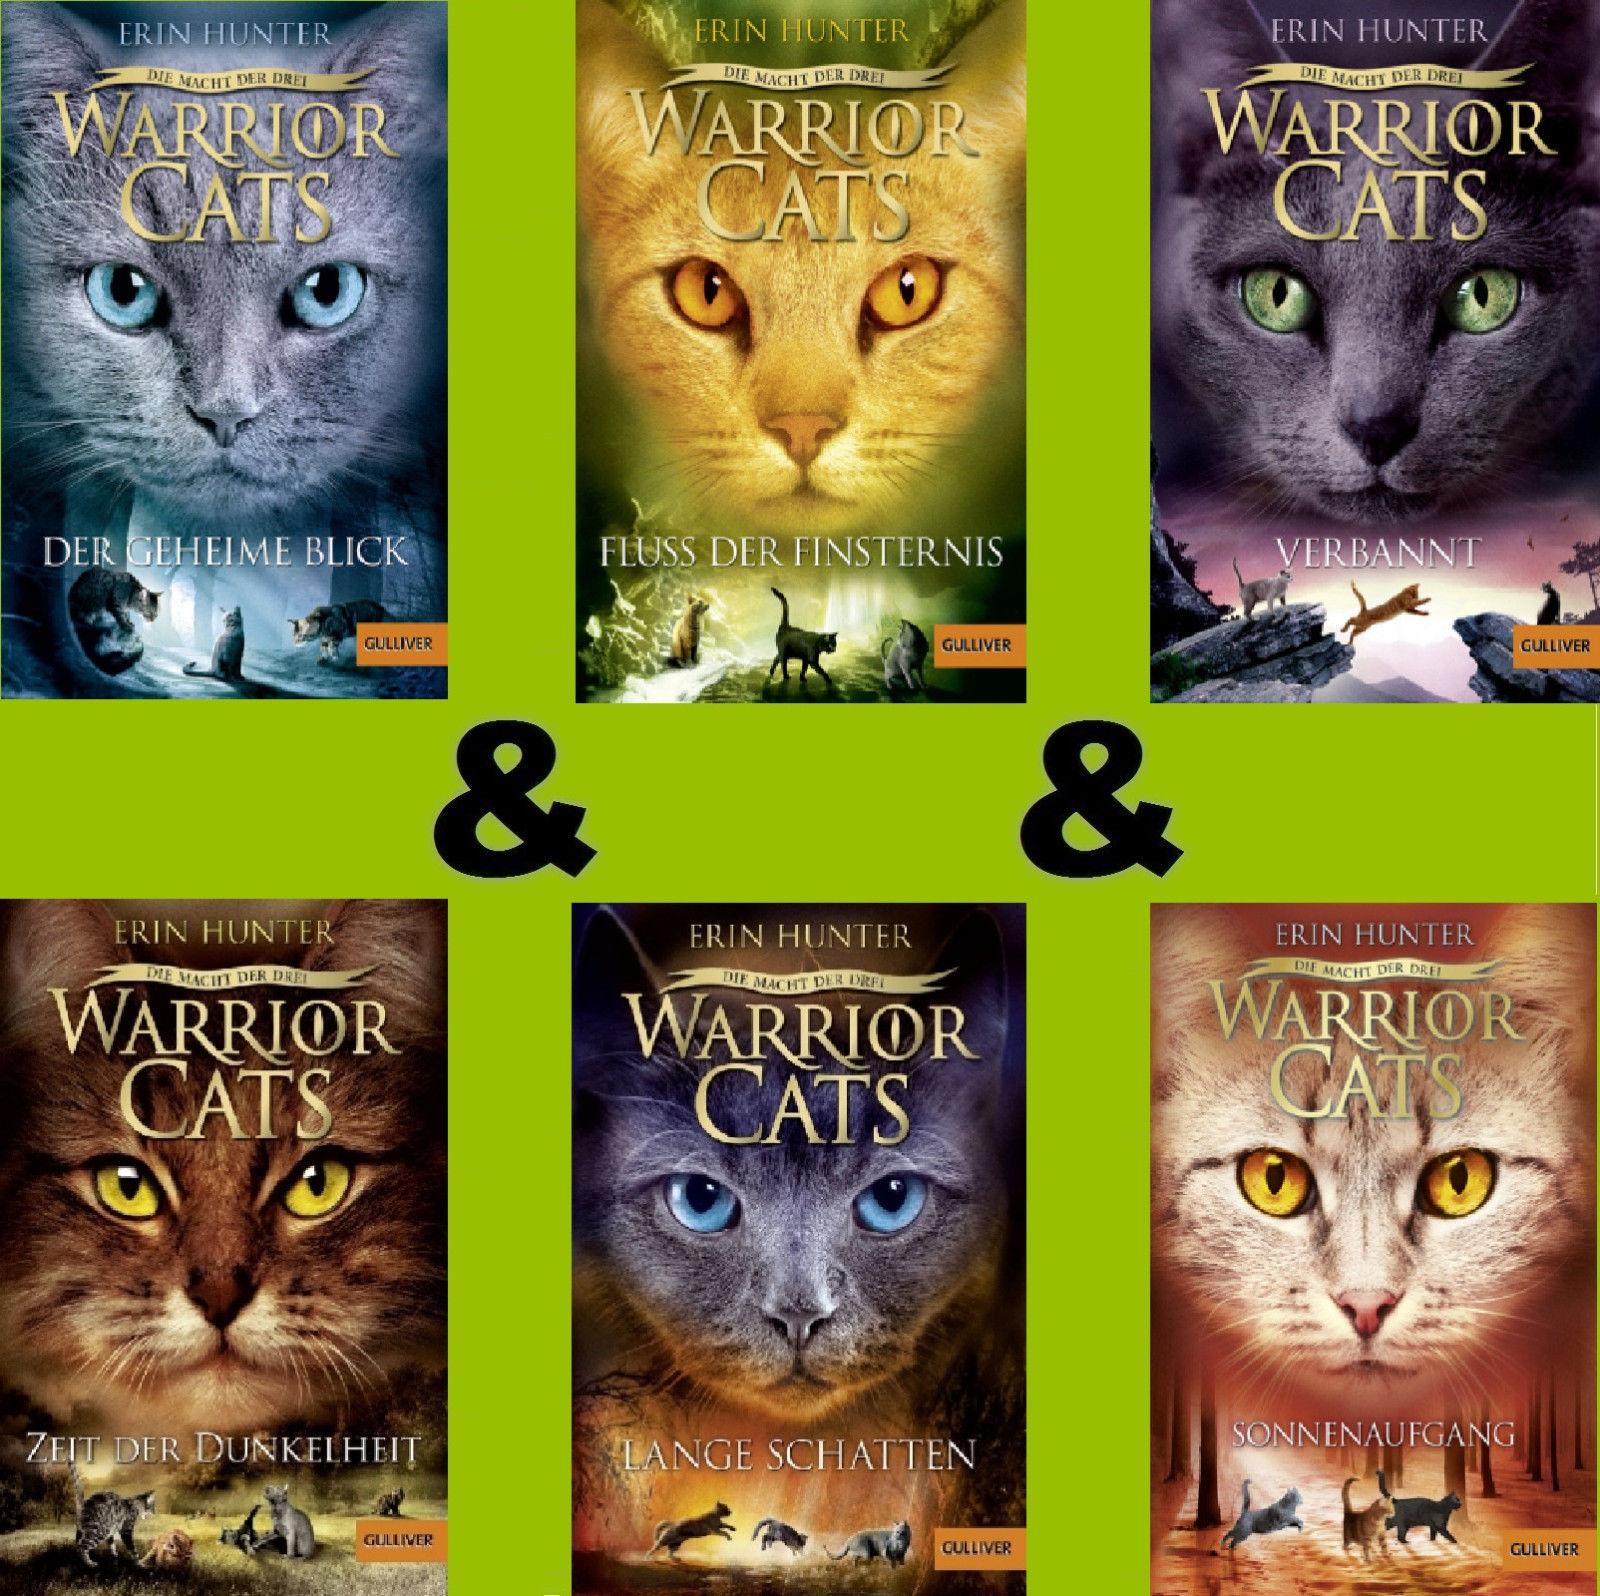 Warrior Cats Staffel 3 Band 1-6 - Die Macht der drei 1-2-3-4-5-6  - Erin Hunter